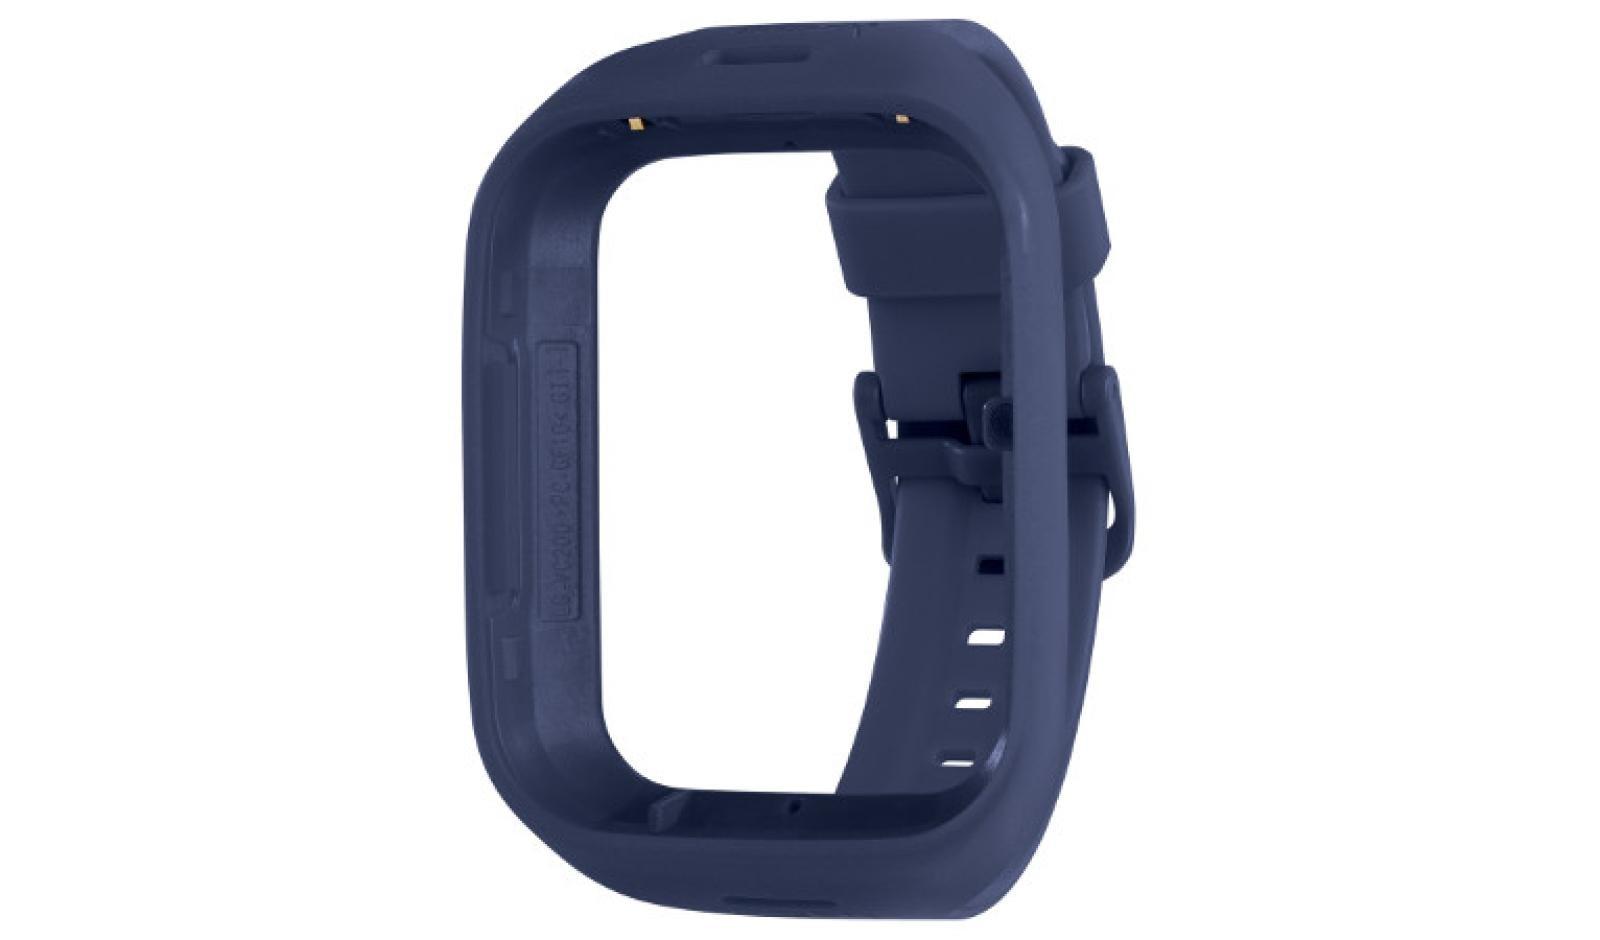 Workbooks buckle down workbooks : LG GizmoGadget Verizon Wireless: Kid-Friendly Wearable GPS | LG USA